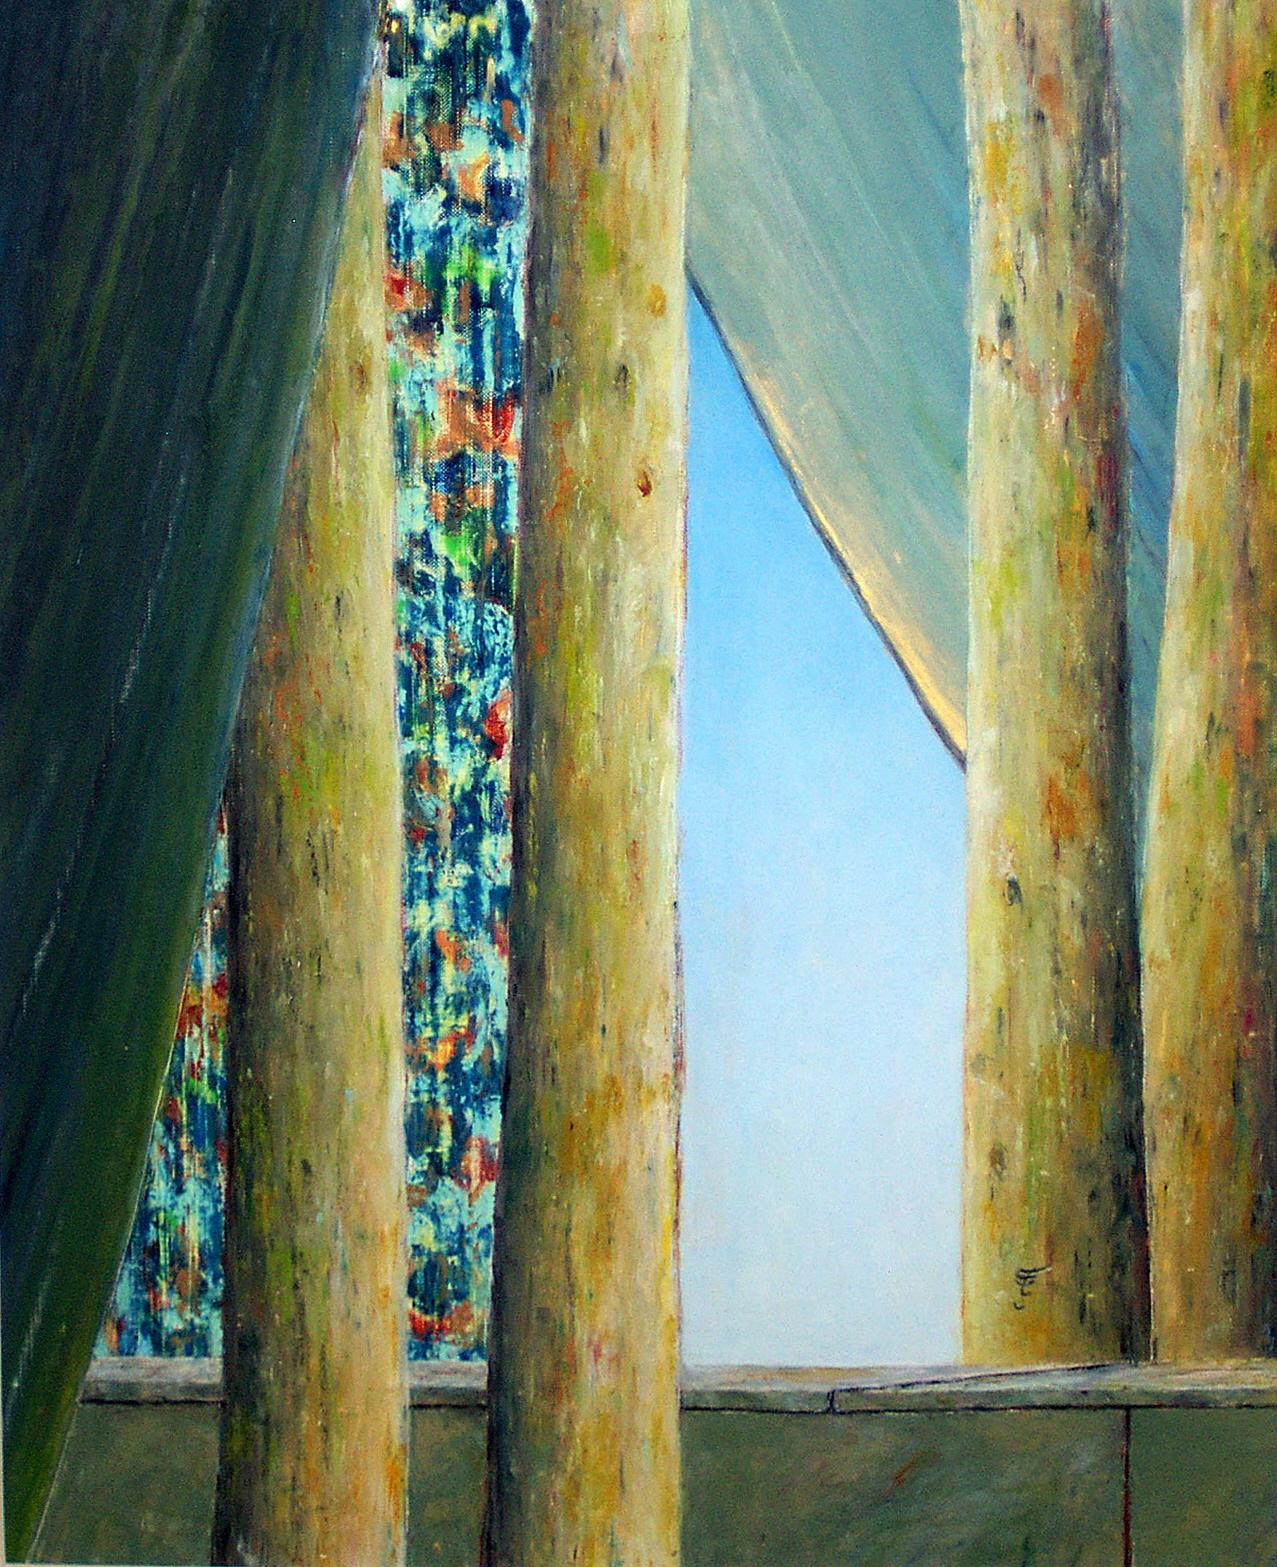 Untitled - San titre, 2003, 40x50cm, oil on paper - huile sur papier, sold - vendu